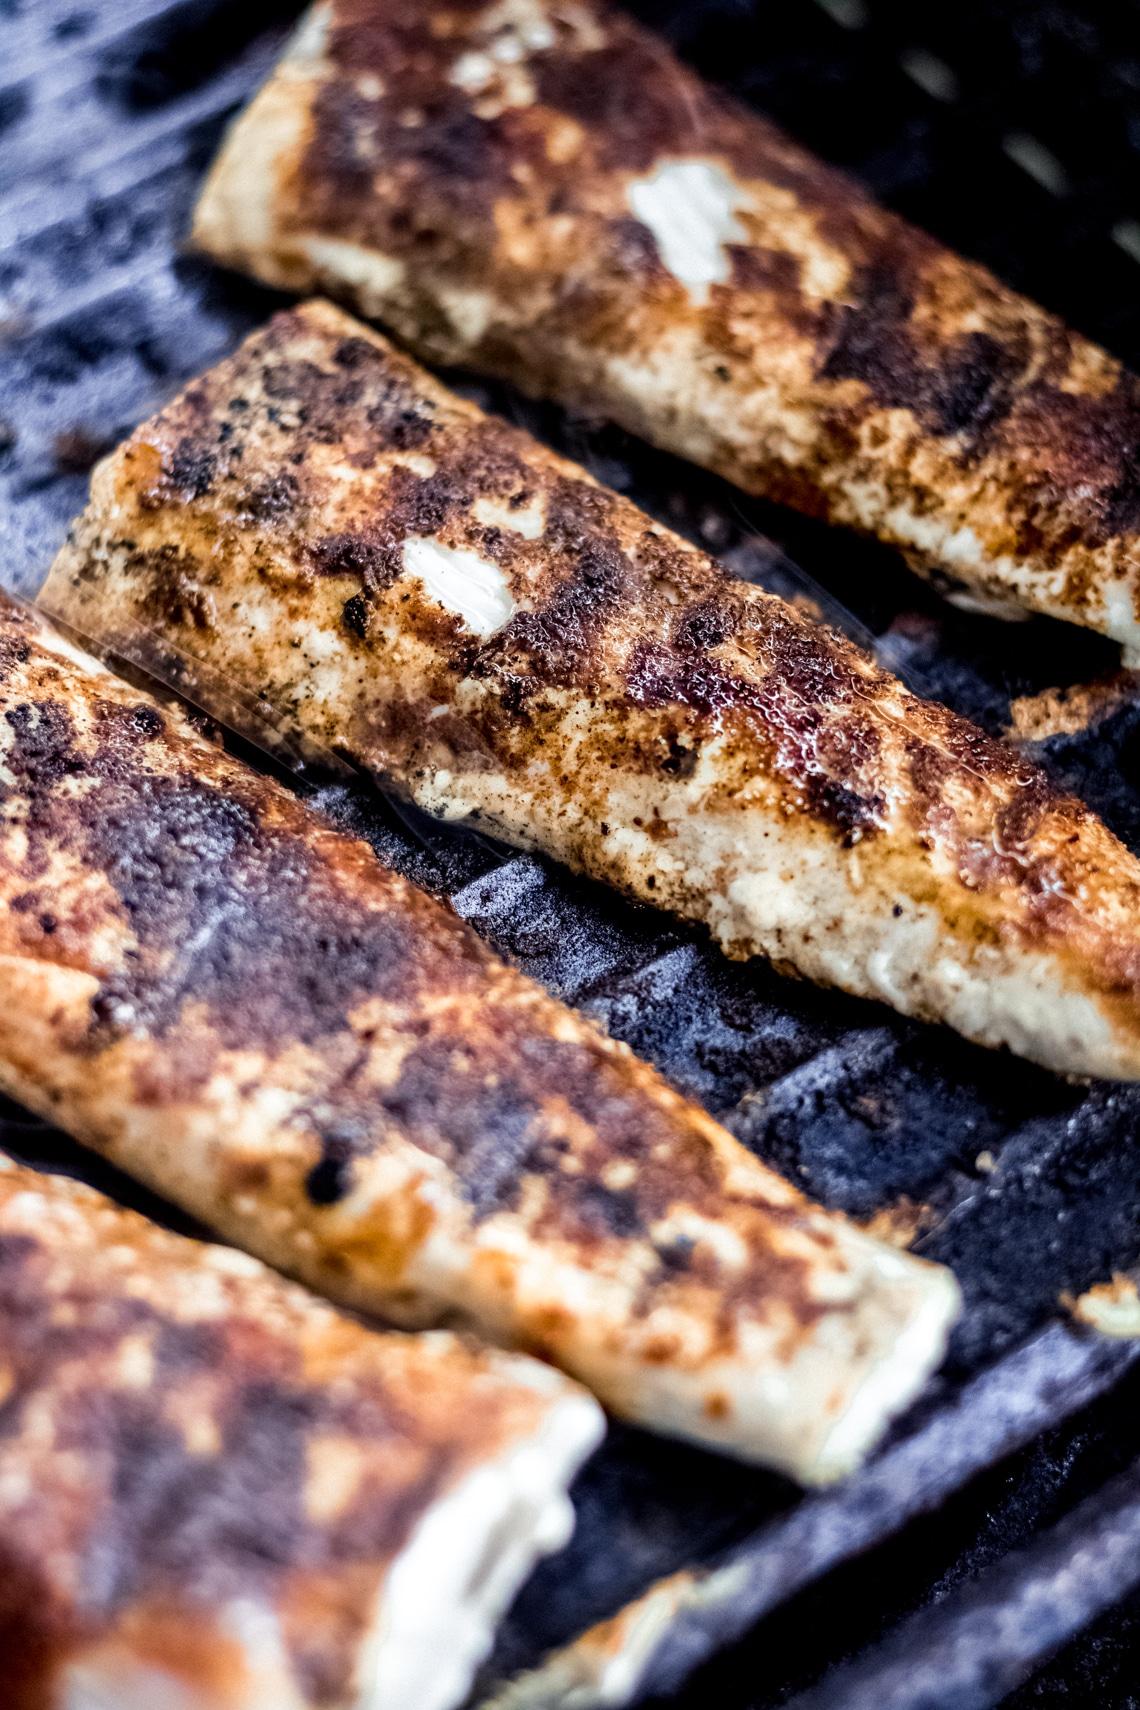 four Mahi Mahi fillets on the grill